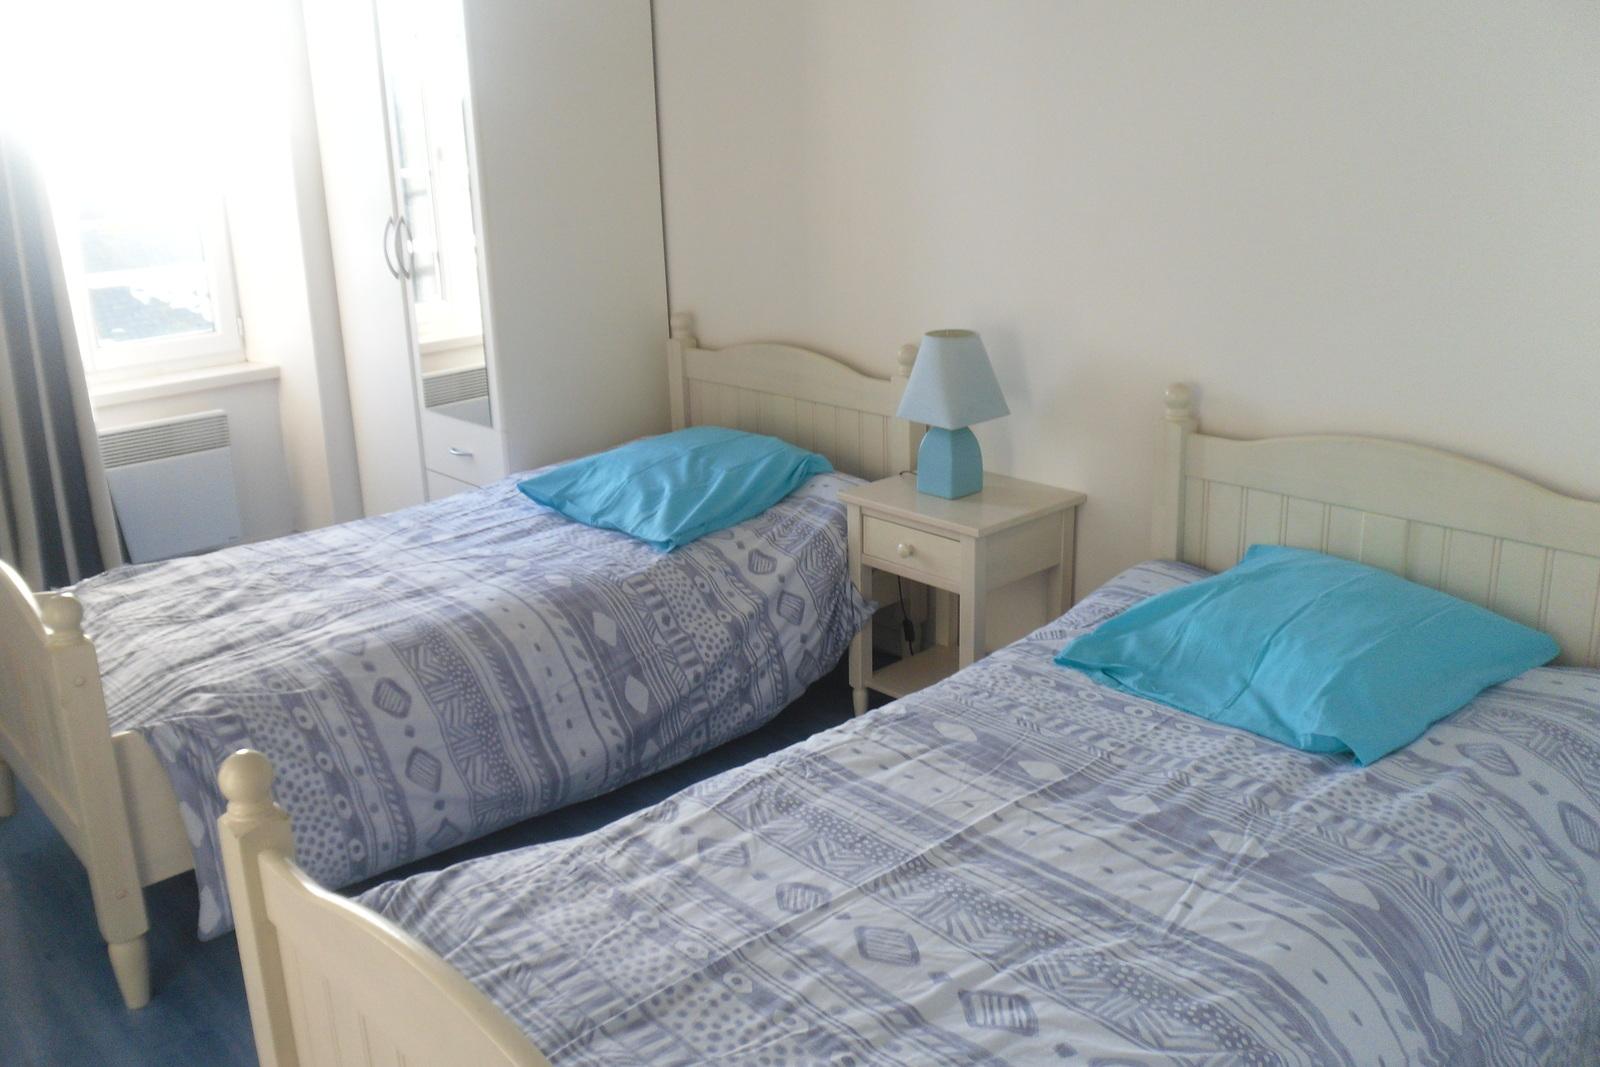 Image n°8 du gîte de mer : Chambre avec 2 lits de 90